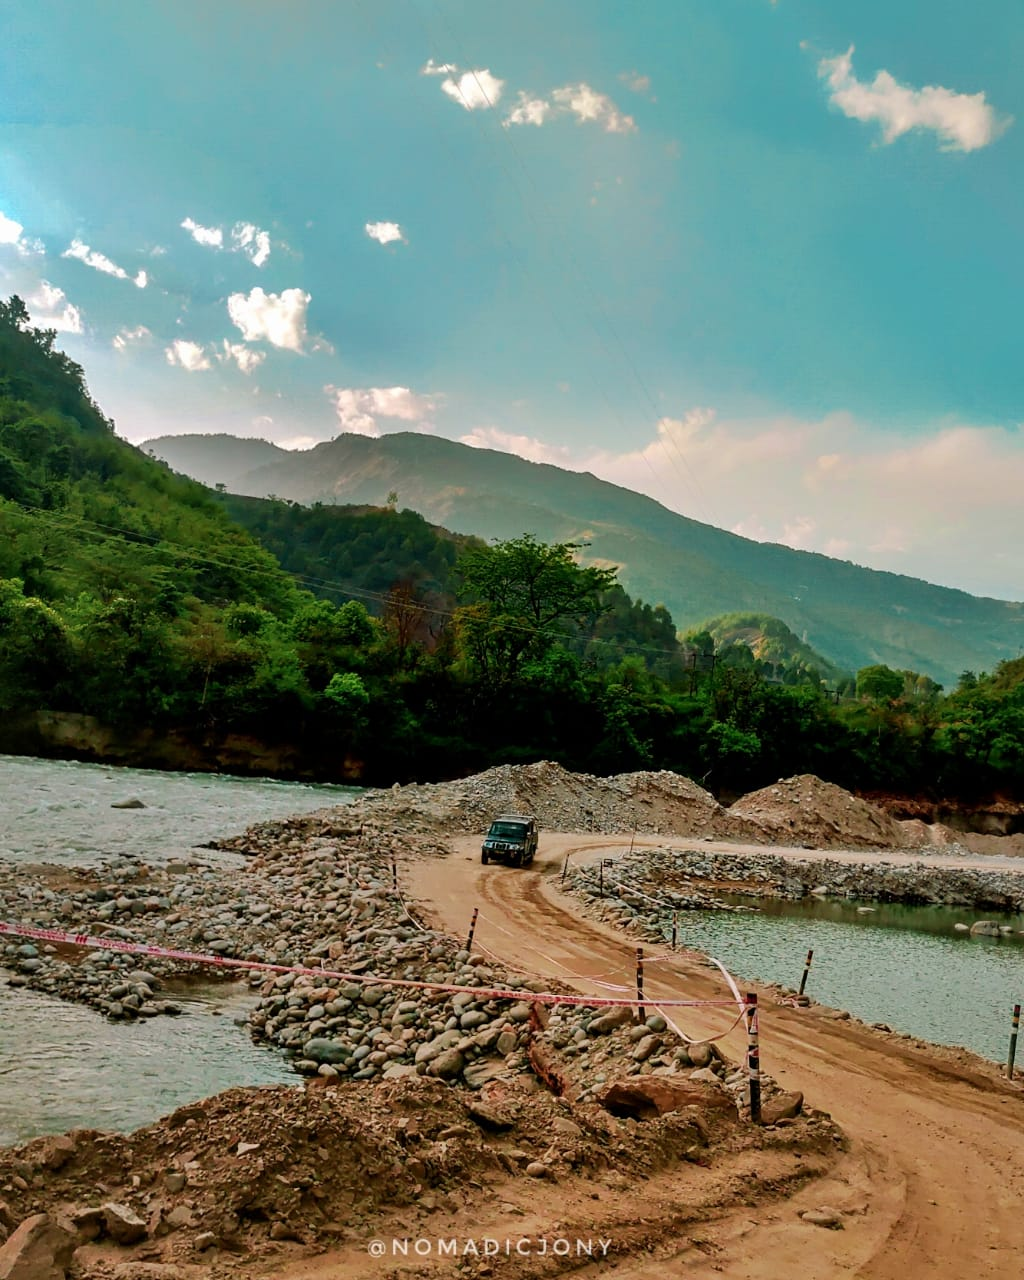 Chopta - Tungnath Trip